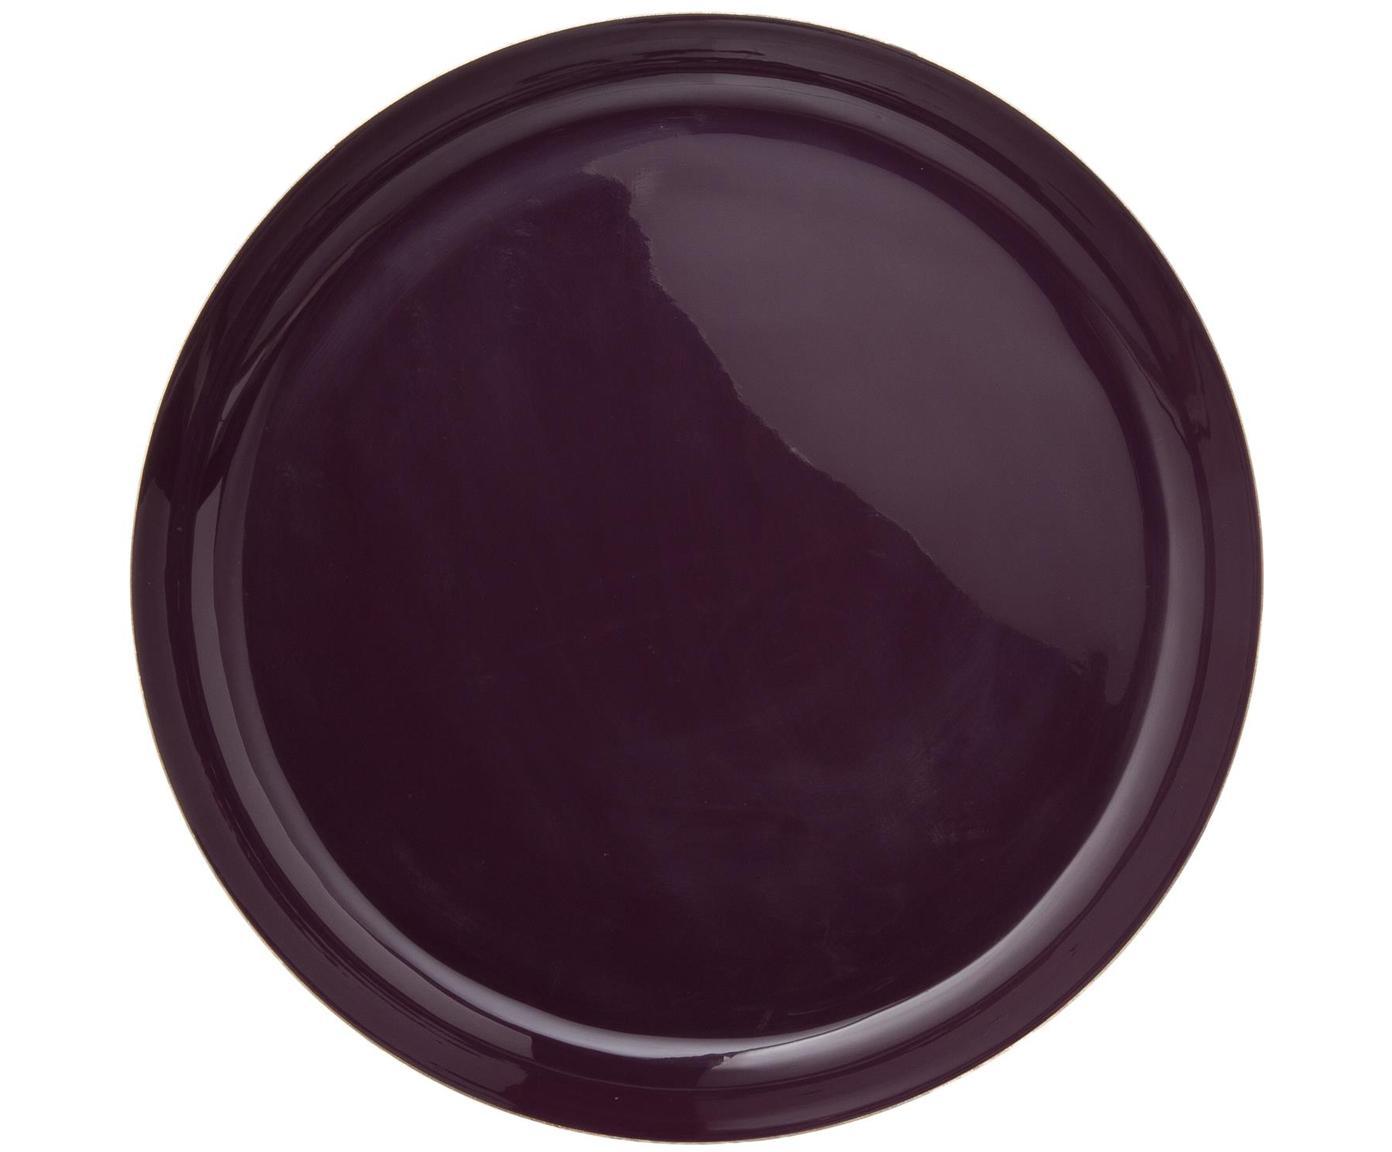 Set vassoi decorativi Minella, 3 pz., Metallo verniciato, Lilla, pink, rosa Bordo: dorato, Diverse dimensioni